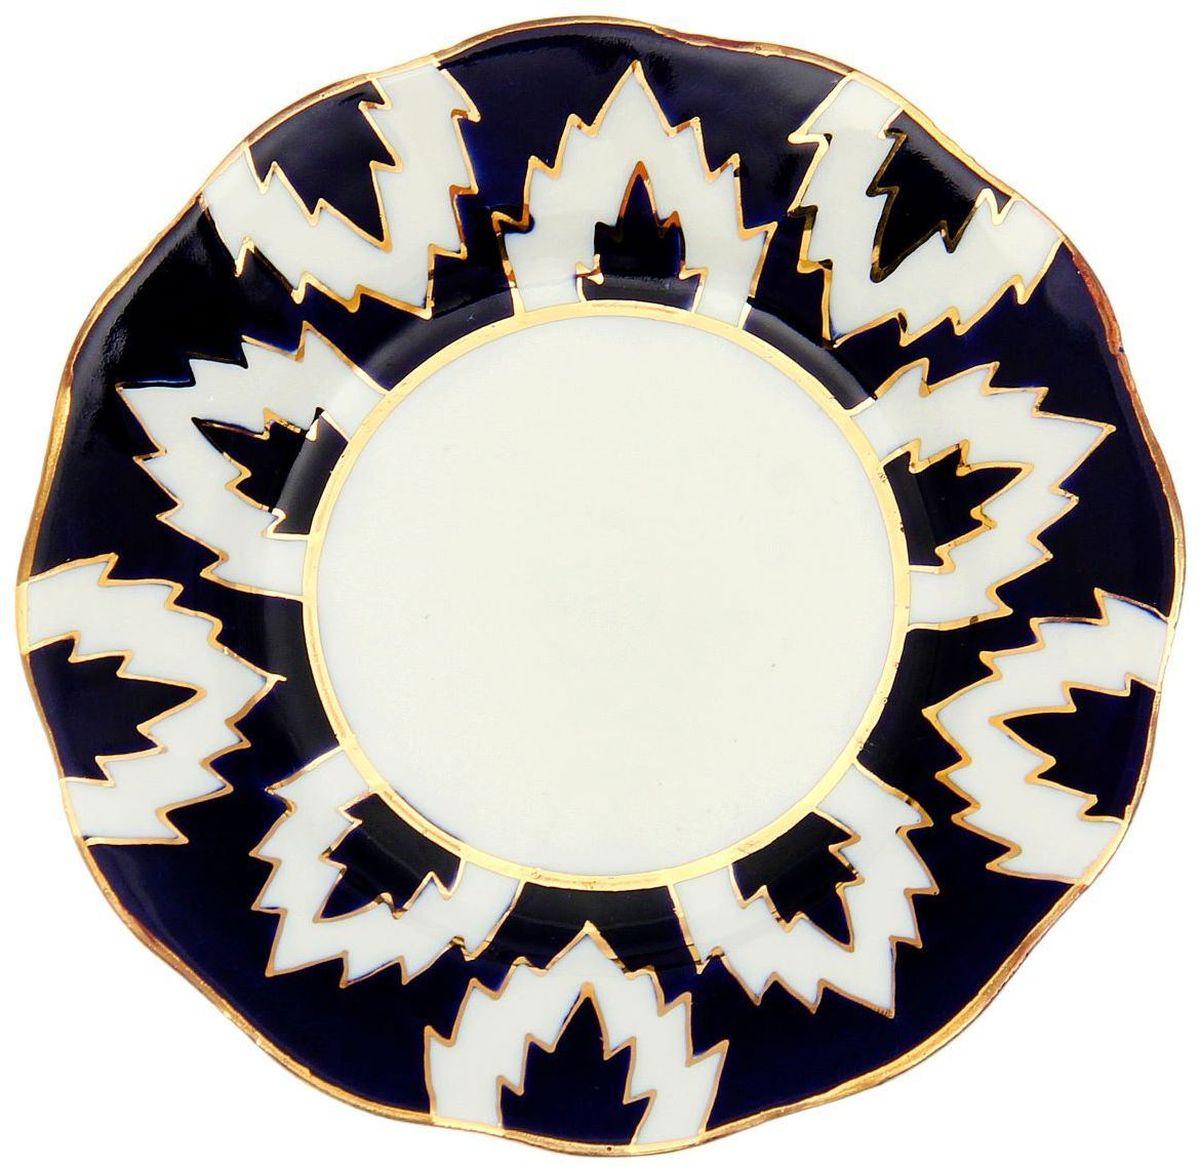 Тарелка Turon Porcelain Атлас, цвет: синий, белый, золотистый, диаметр 12,5 см1625401Узбекская посуда известна всему миру уже более тысячи лет. Ей любовались царские особы, на ней подавали еду для шейхов и знатных персон. Формулы красок и глазури передаются из поколения в поколение. По сей день качественные расписные изделия продолжают восхищать совершенством и завораживающей красотой.Данный предмет подойдёт для повседневной и праздничной сервировки. Дополните стол текстилем и салфетками в тон, чтобы получить элегантное убранство с яркими акцентами.Национальная узбекская роспись «Атлас» имеет симметричный геометрический рисунок. Узоры, похожие на листья, выводятся тонкой кистью, фон заливается тёмно-синим кобальтом. Синий краситель при обжиге слегка растекается и придаёт контуру изображений голубой оттенок. Густая глазурь наносится толстым слоем, благодаря чему рисунок мерцает.